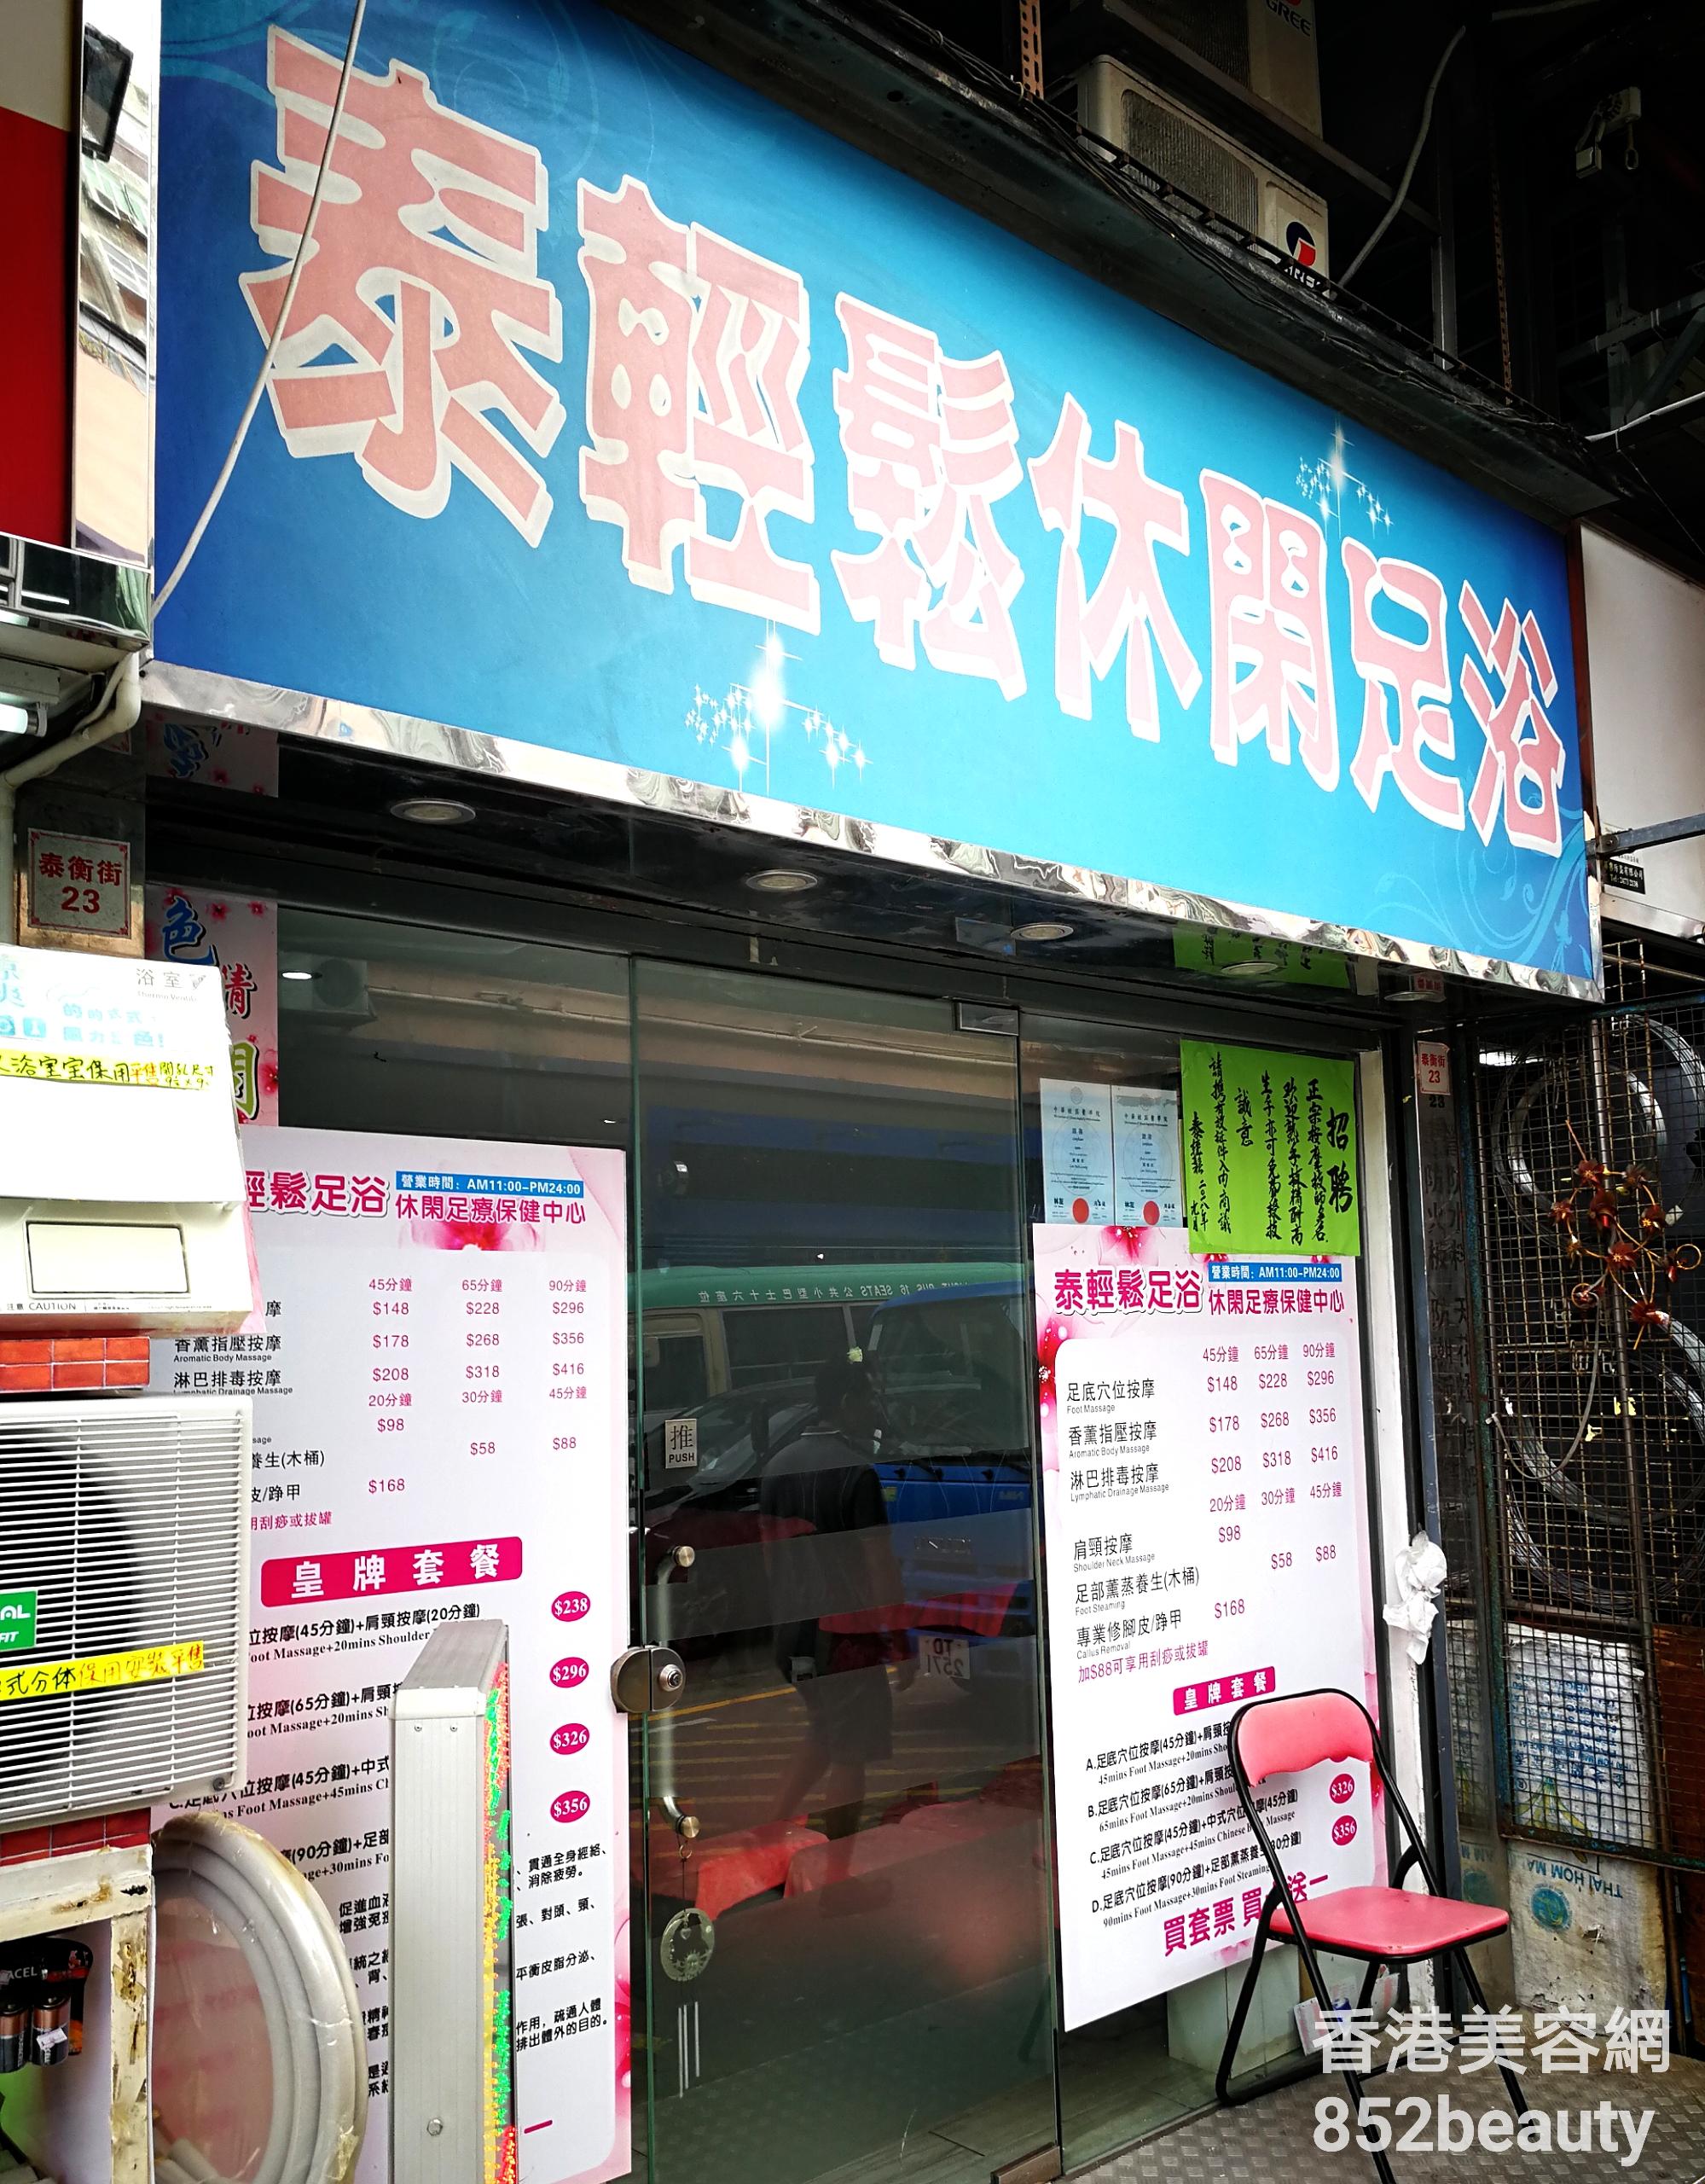 香港美容院 美容師 : 泰輕鬆 @青年創業軍